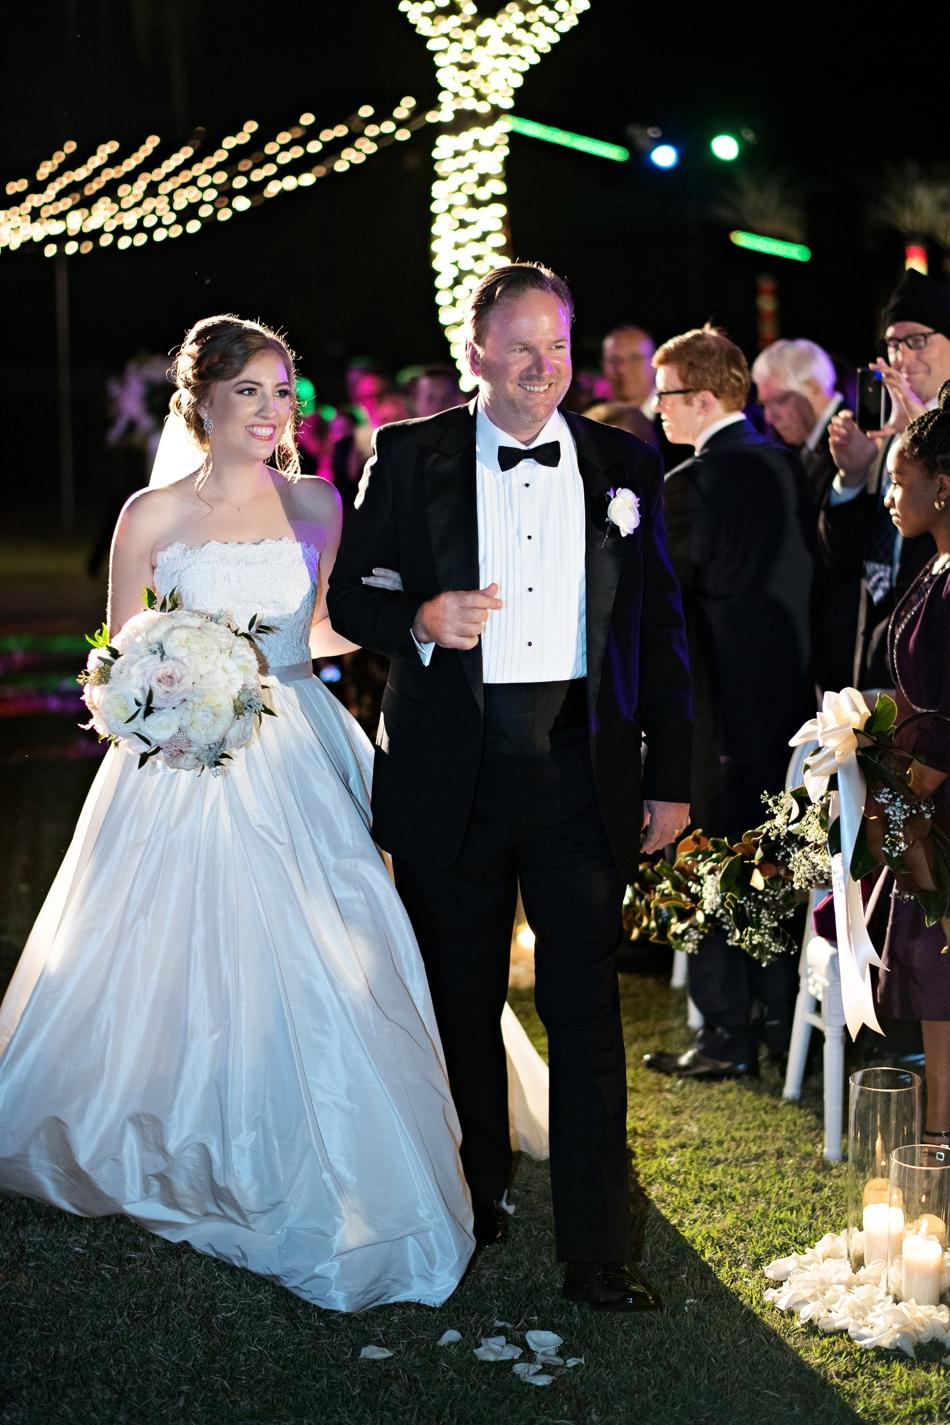 Luxury Backyard Wedding : Luxury Backyard New Years Eve Wedding  Orlando Wedding Photographer